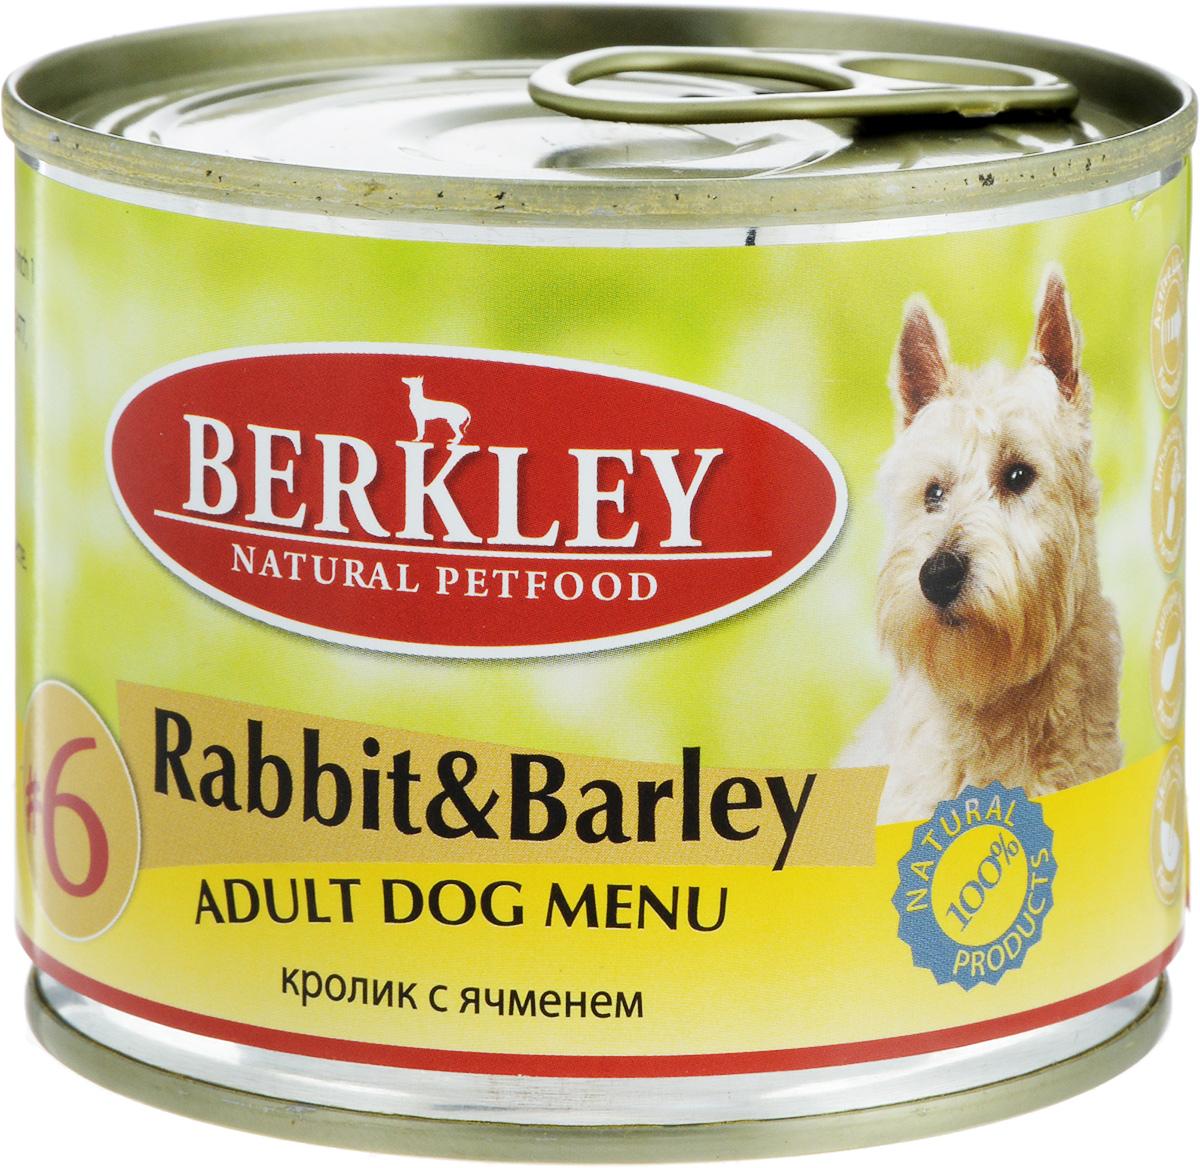 Консервы Berkley №6, для взрослых собак, кролик с ячменем, 200 г0120710Консервы Berkley №6 - полноценное консервированное питание для взрослых собак. Не содержат сои, консервантов, искусственных красителей и ароматизаторов. Корм полностью удовлетворяет ежедневные энергетические потребности животного и обеспечивает оптимальное функционирование пищеварительной системы.Товар сертифицирован.